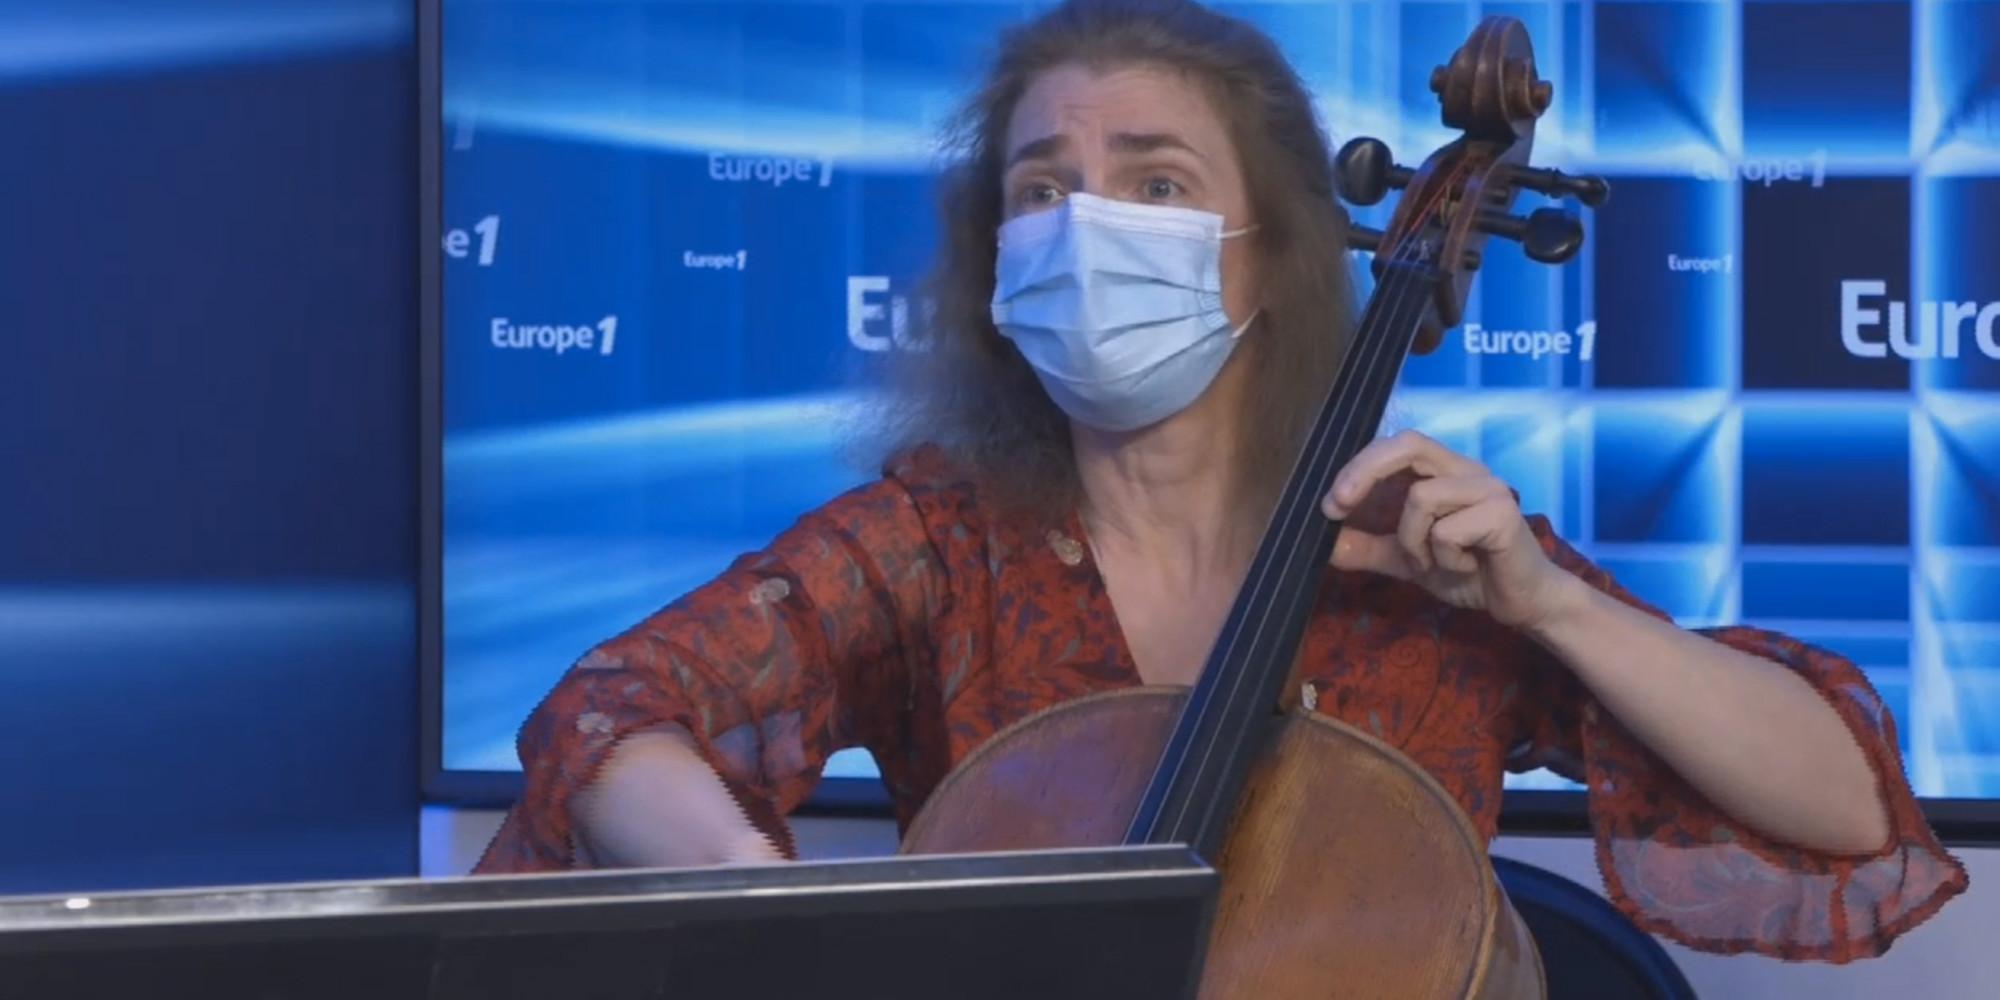 VIDÉO - Quand le violoncelle de Claire Oppert vient apaiser les douleurs des malades